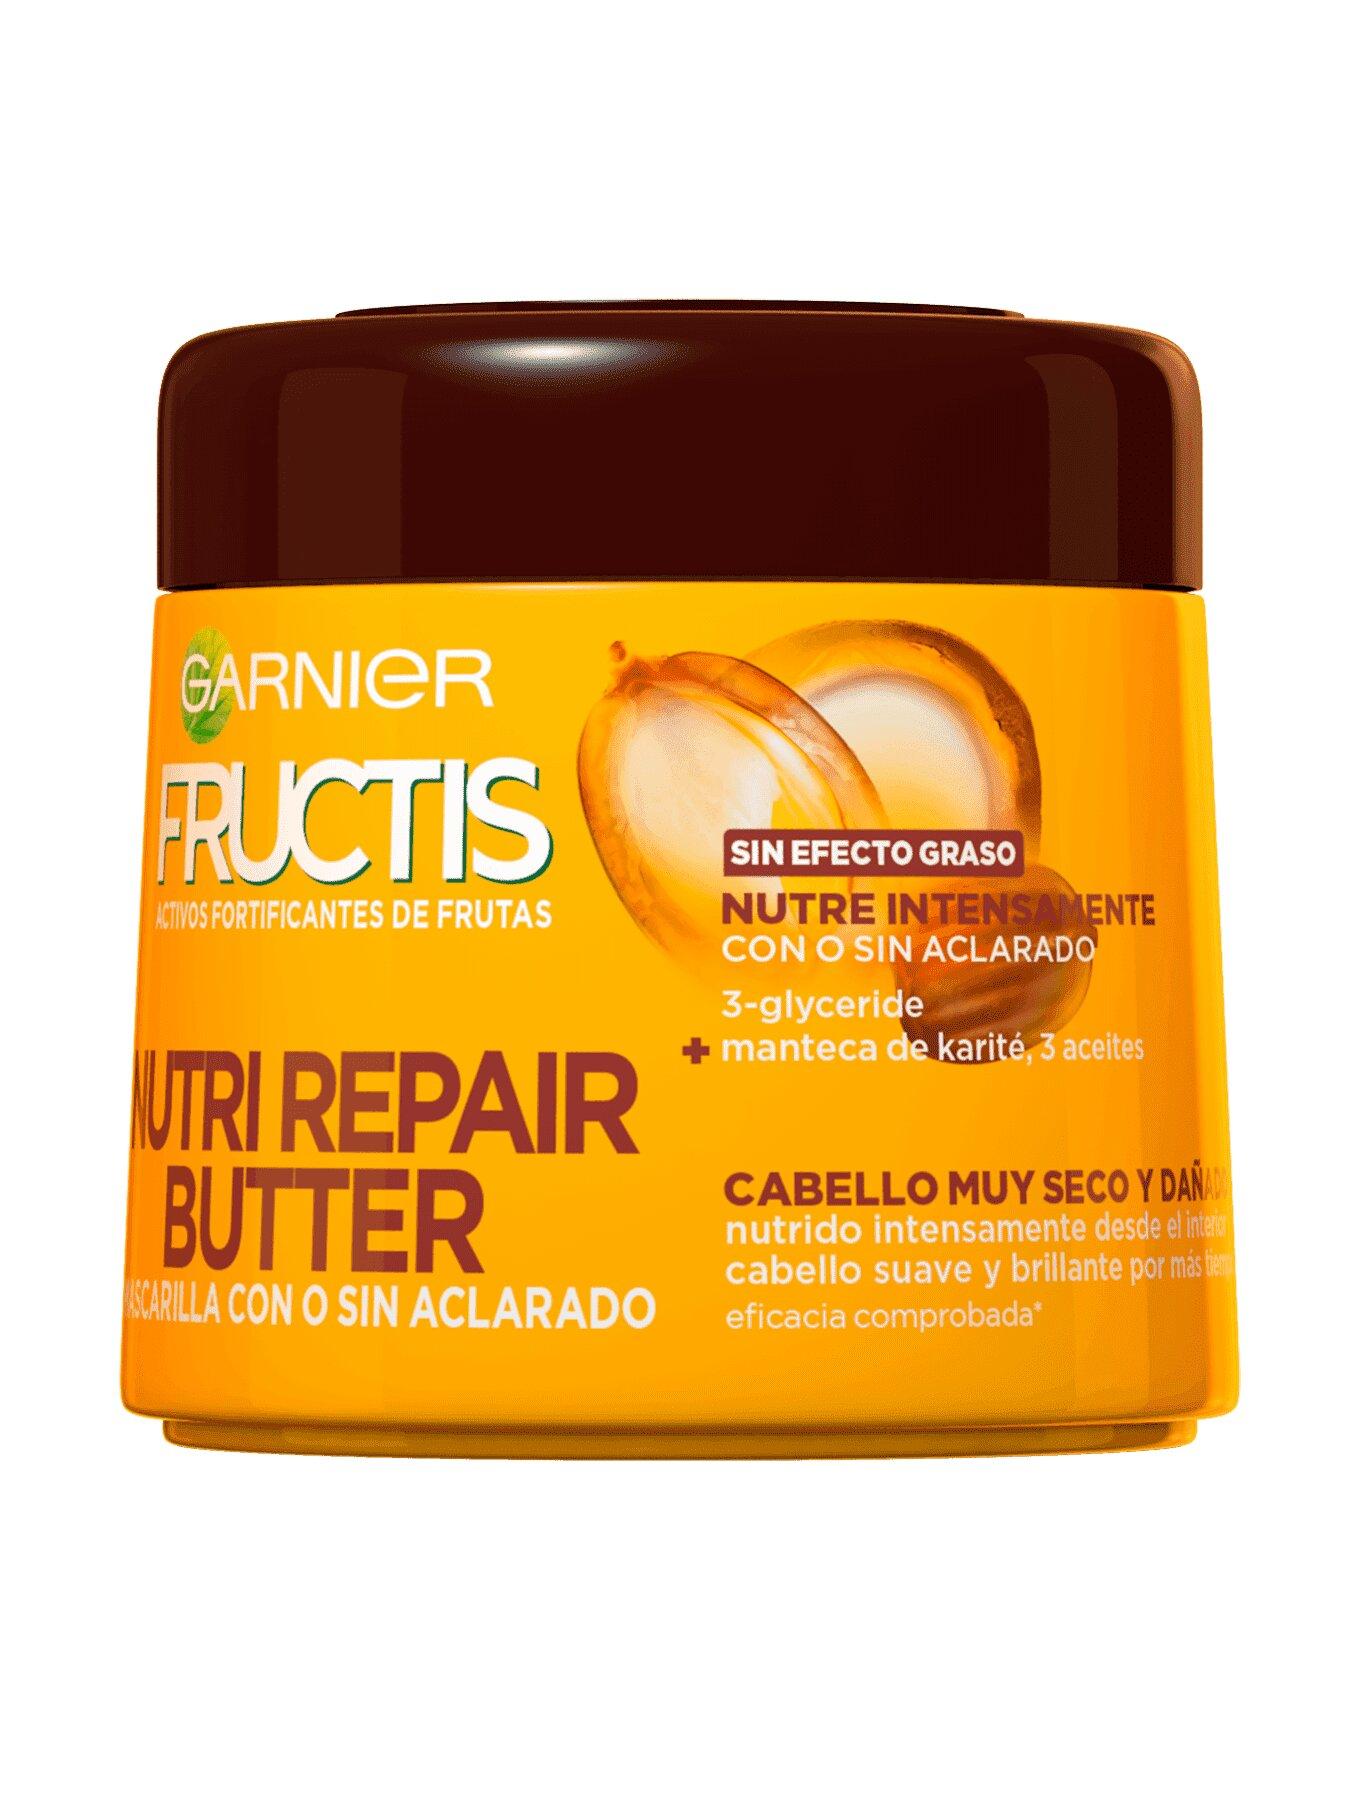 Garnier Fructis Nutri Repair Butter Mascarilla Fortificante que Nutre y Suaviza, con 3-Glyceride, Manteca de Karité y 3 Aceites